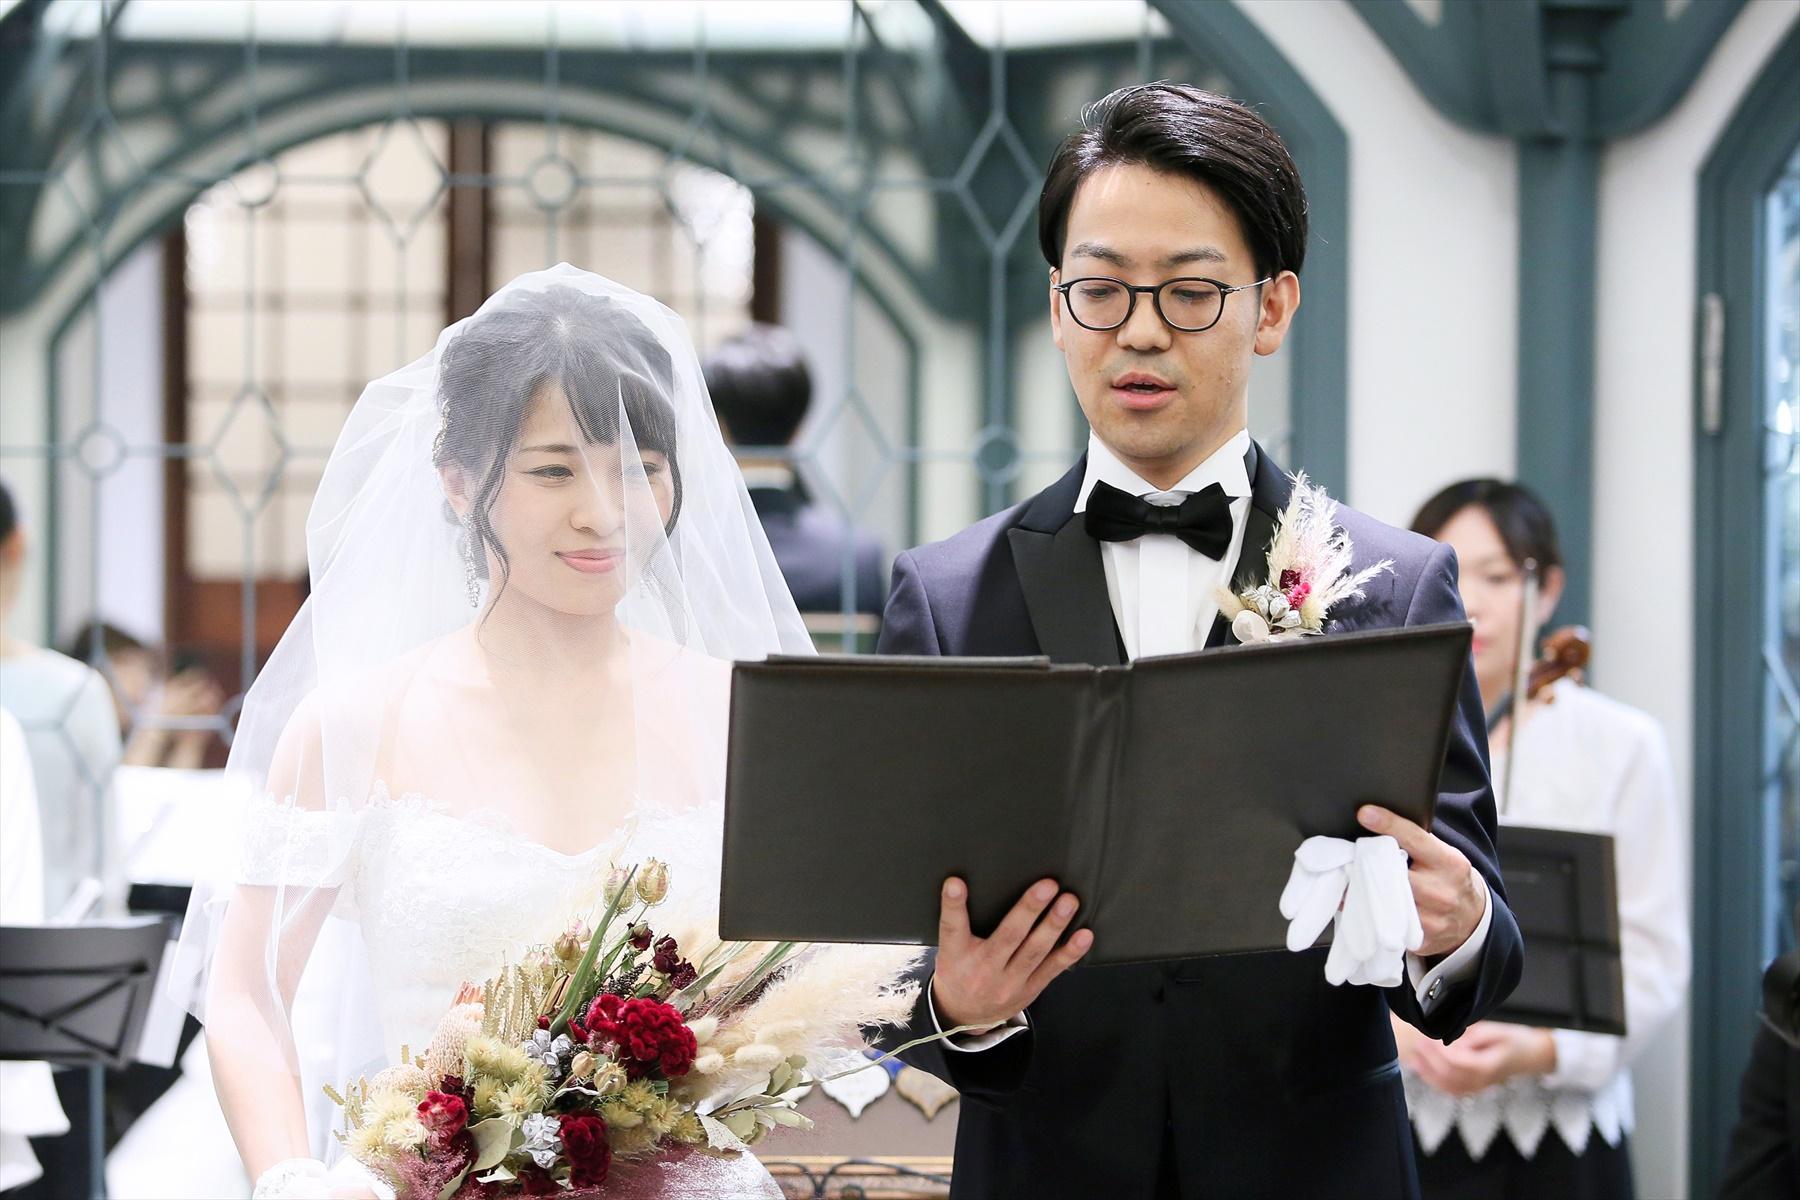 アニバーサリーアン恵比寿 カップルレポート 挙式 人前式 誓い ご新郎ご新婦